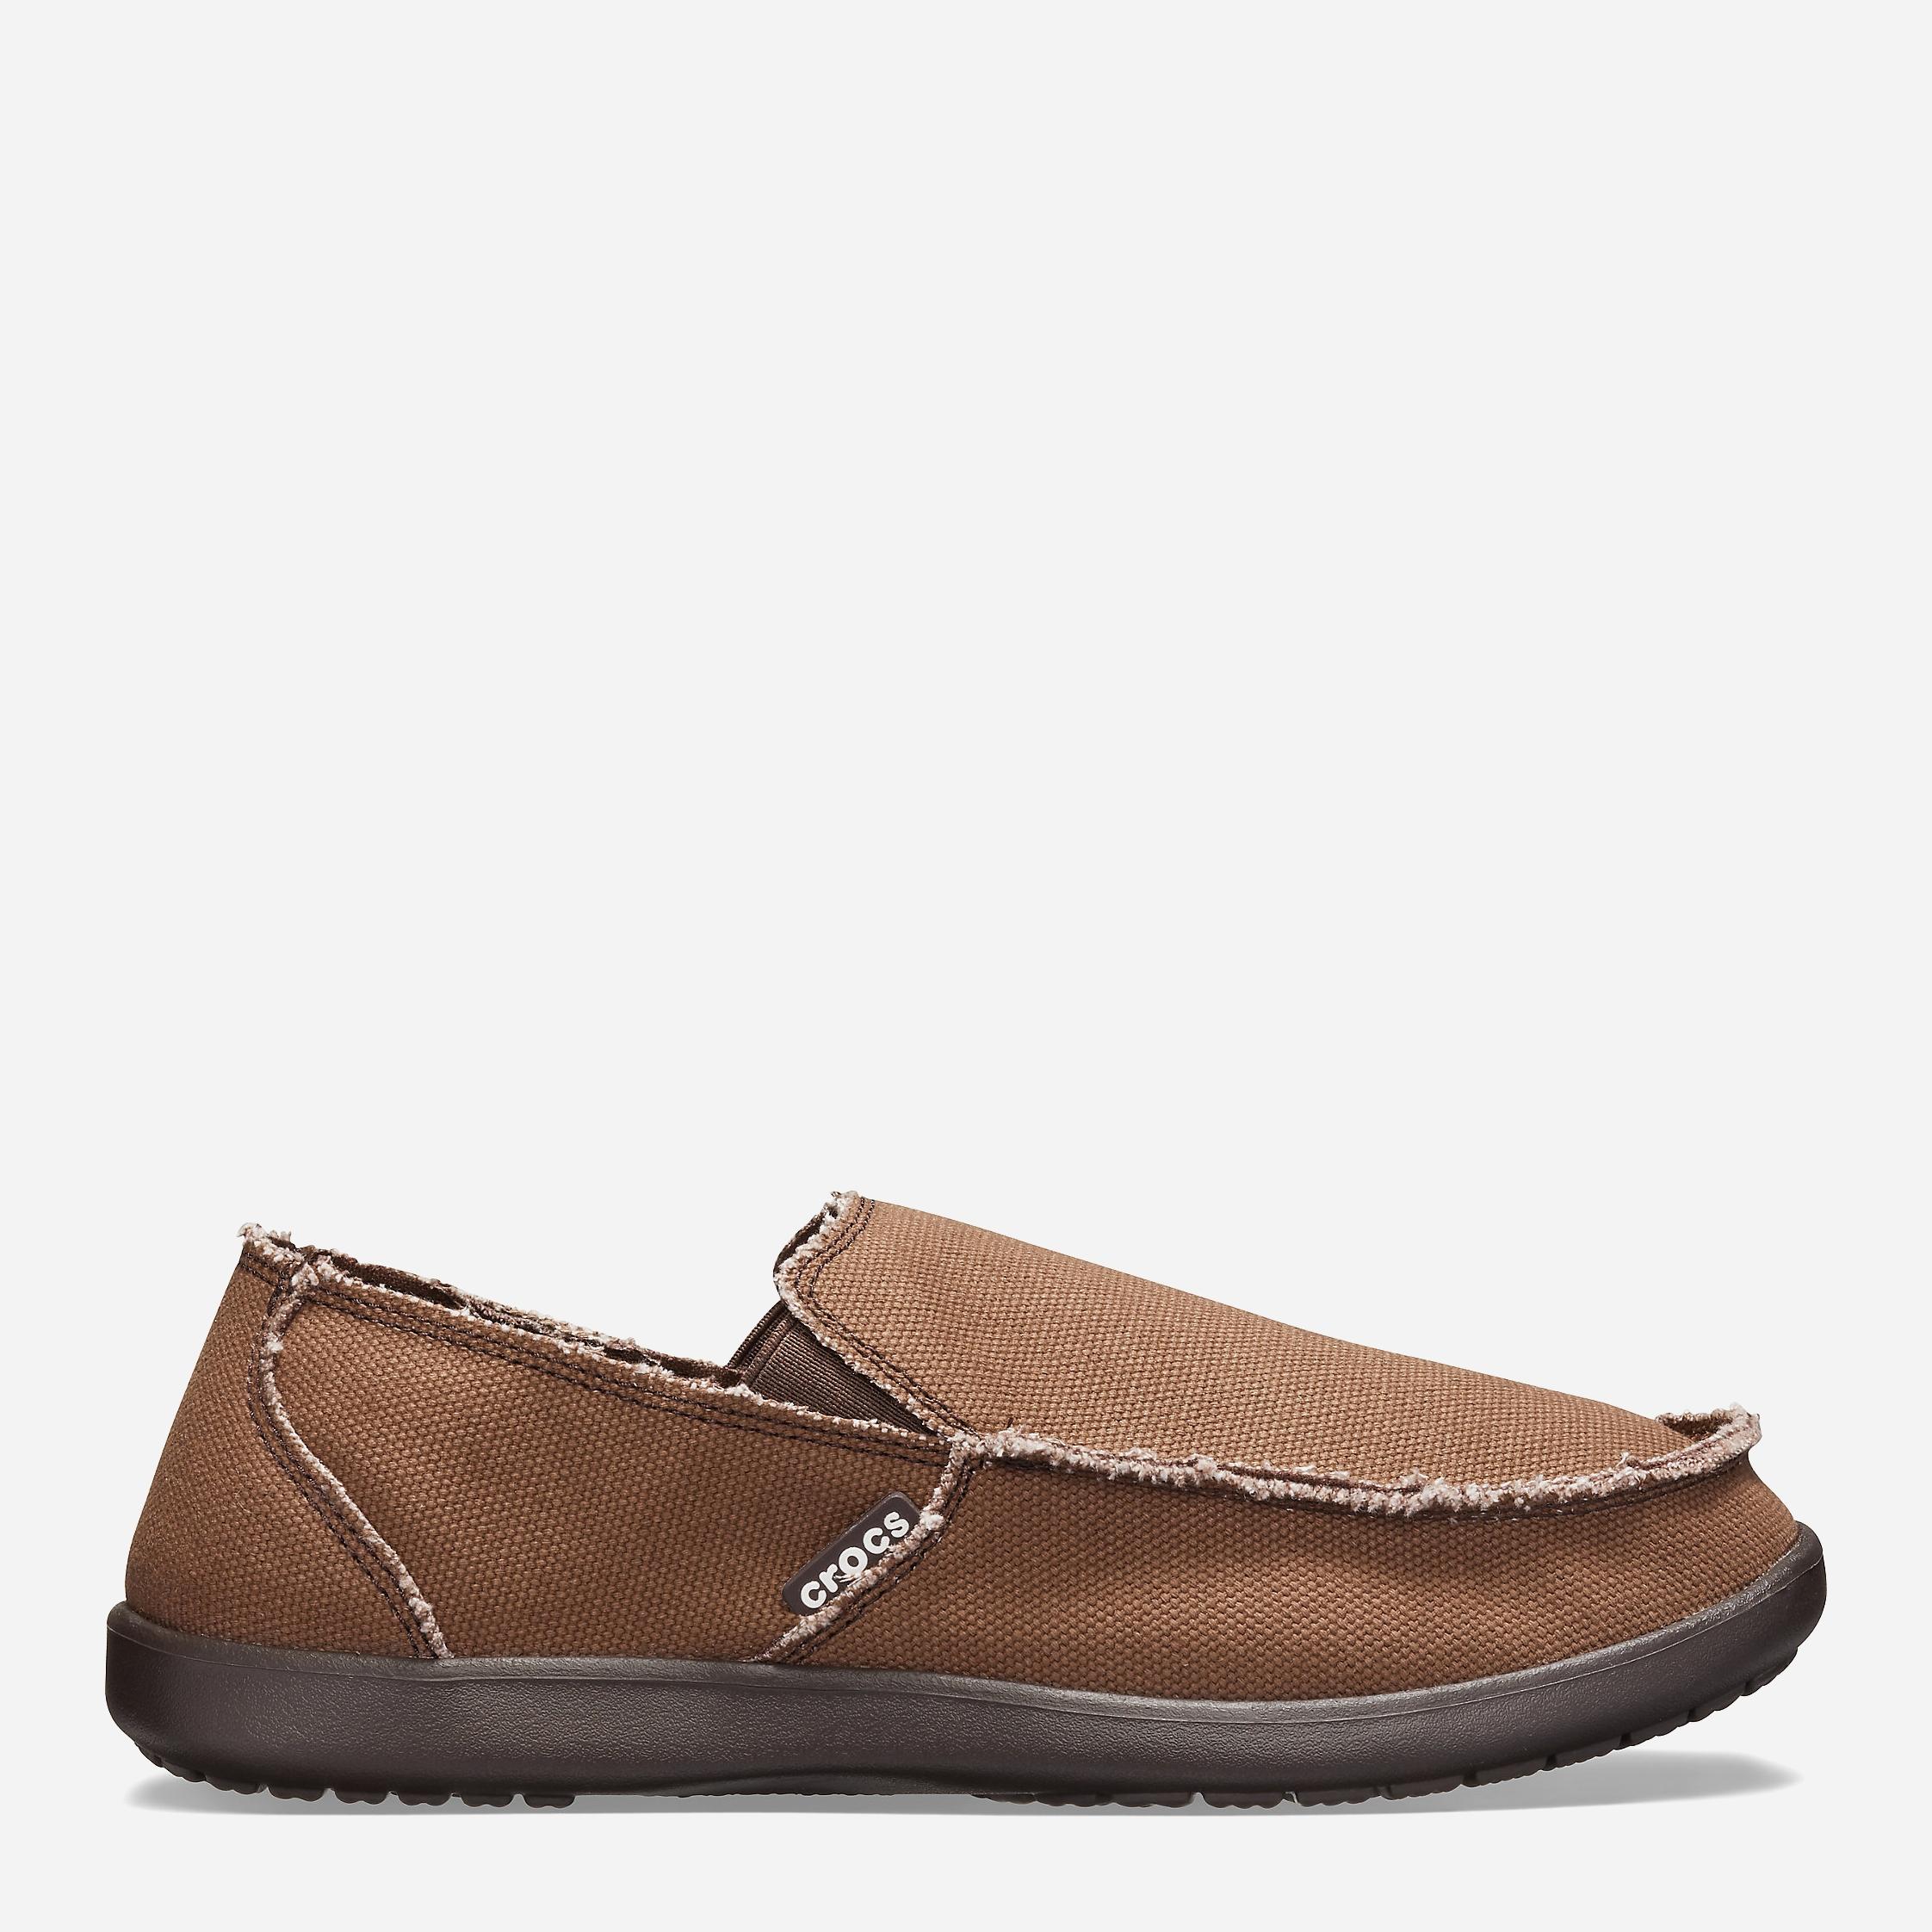 Слипоны Crocs Santa Cruz Man 10128-22Z-M9 42-43 26.3 см Коричневые (8835035552352)